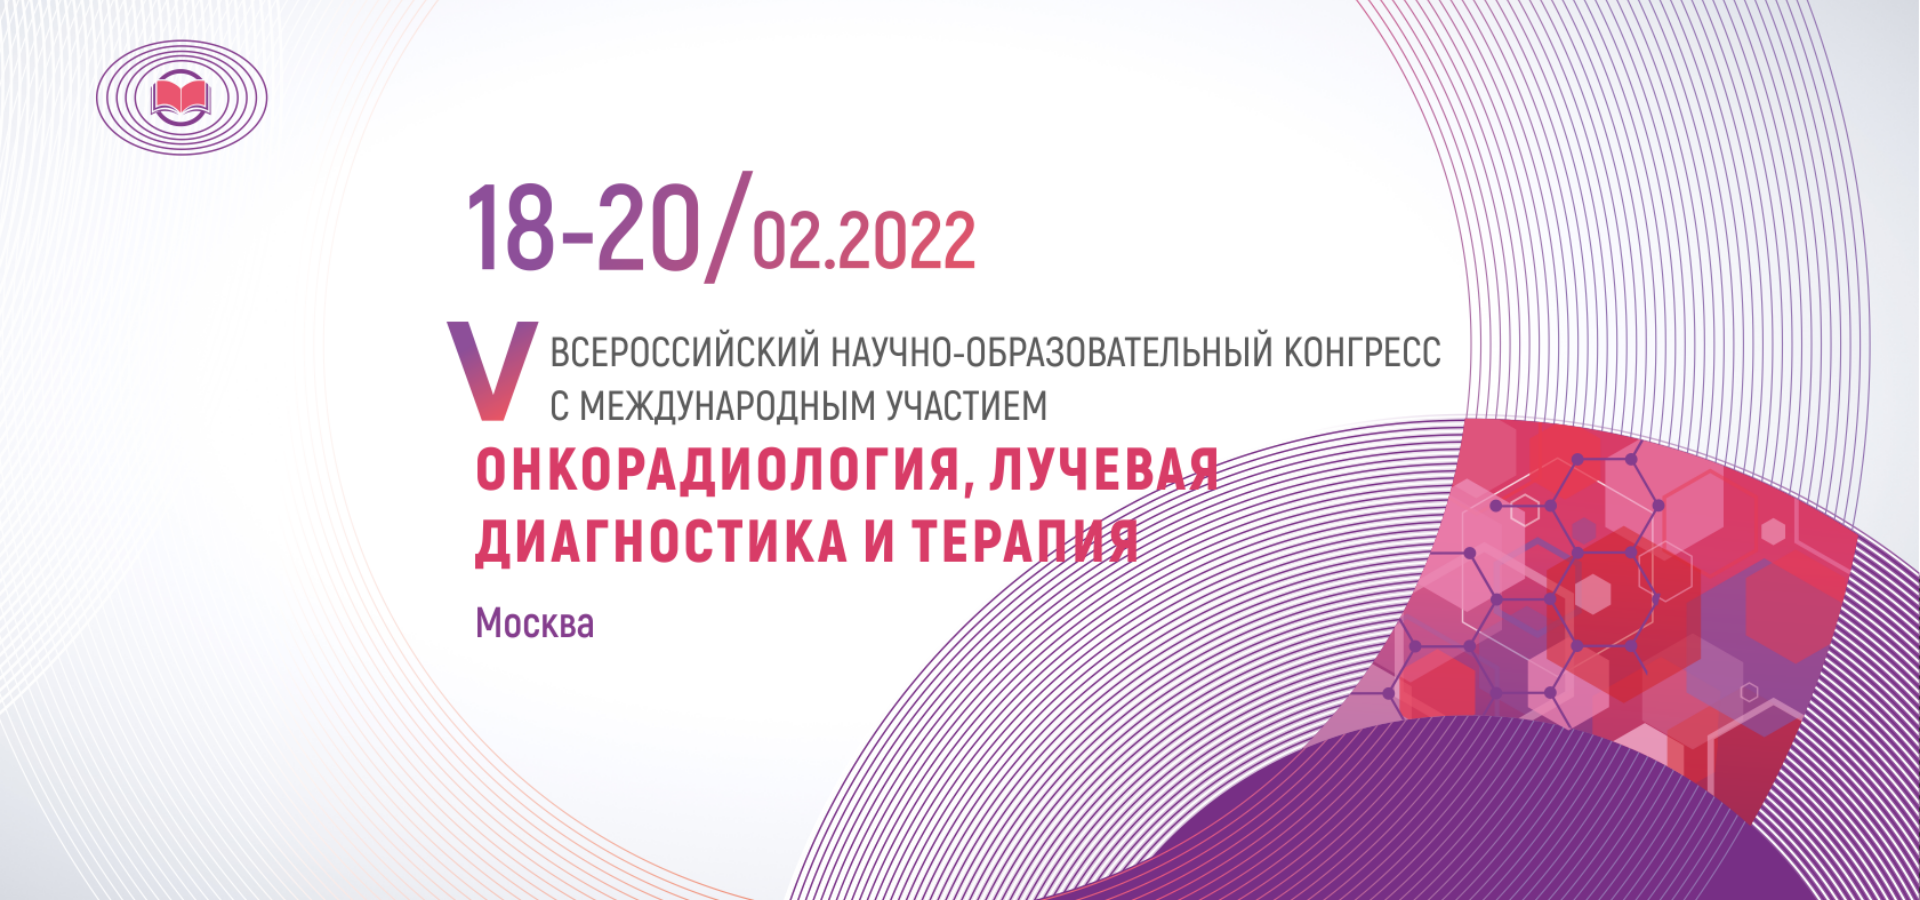 V Всероссийский научно-образовательный конгресс «Онкорадиология, лучевая диагностика и терапия»